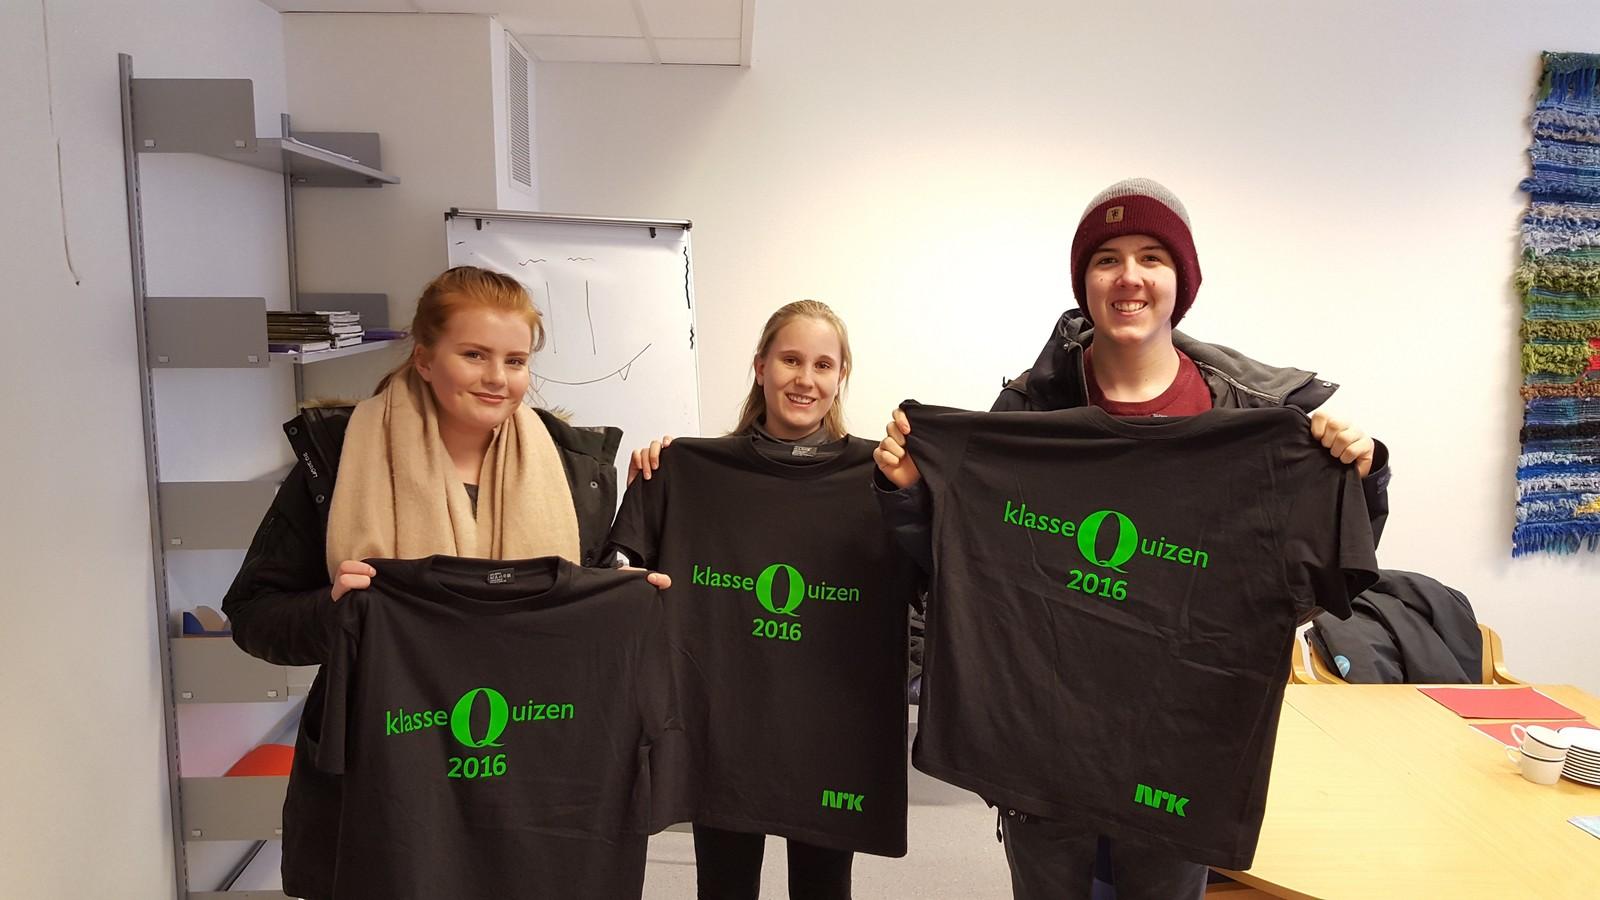 Nora Olsen Myhren, Ingjerd Edledotter Megaard og Trym Brattrud Borgen fra Moelv ungdomsskole fikk tre rette i Klassequizen